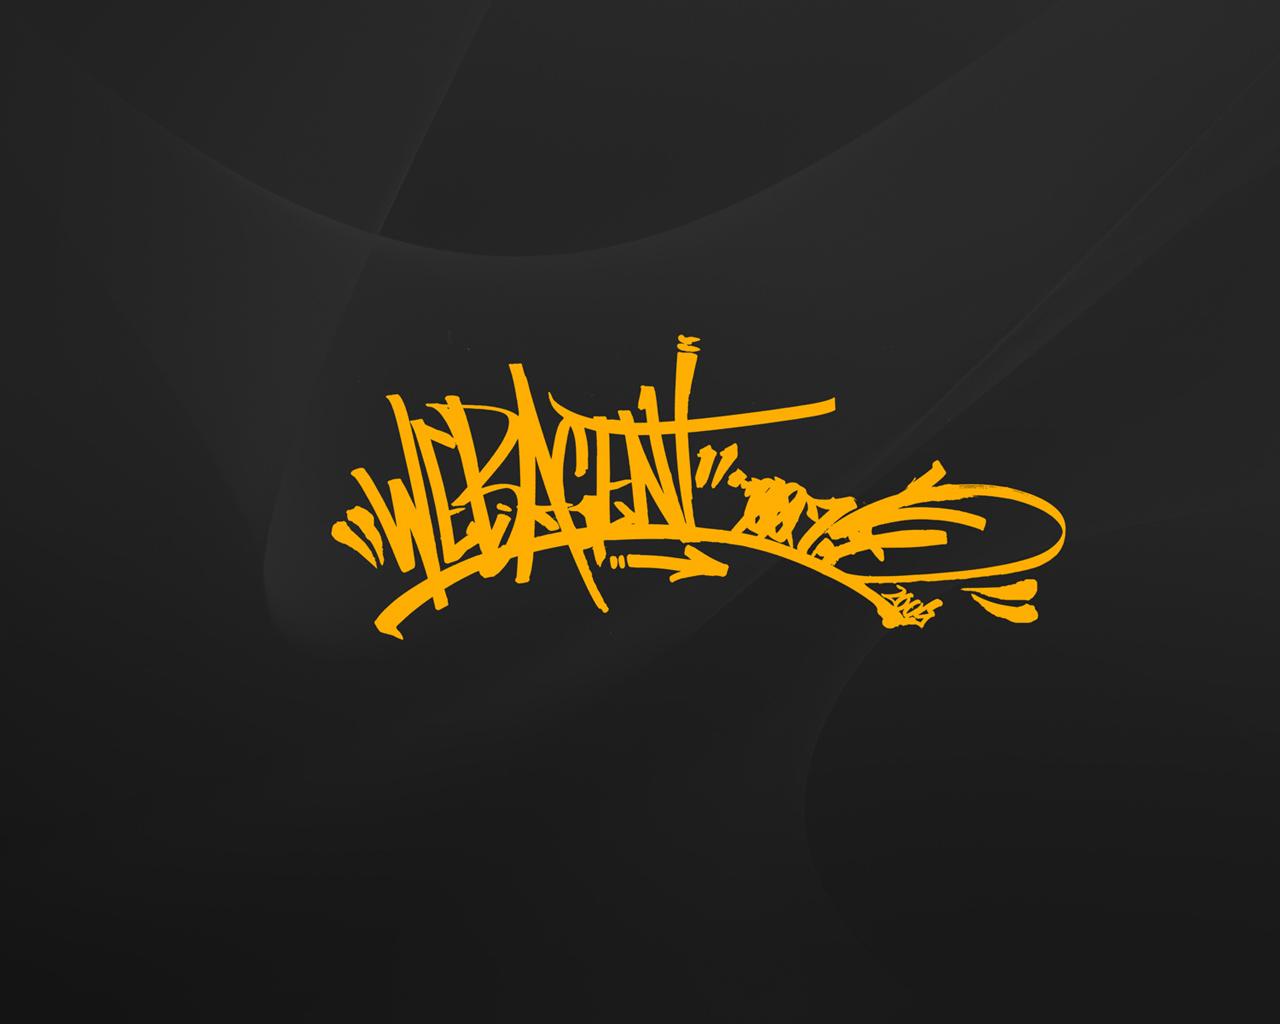 durothethird.com